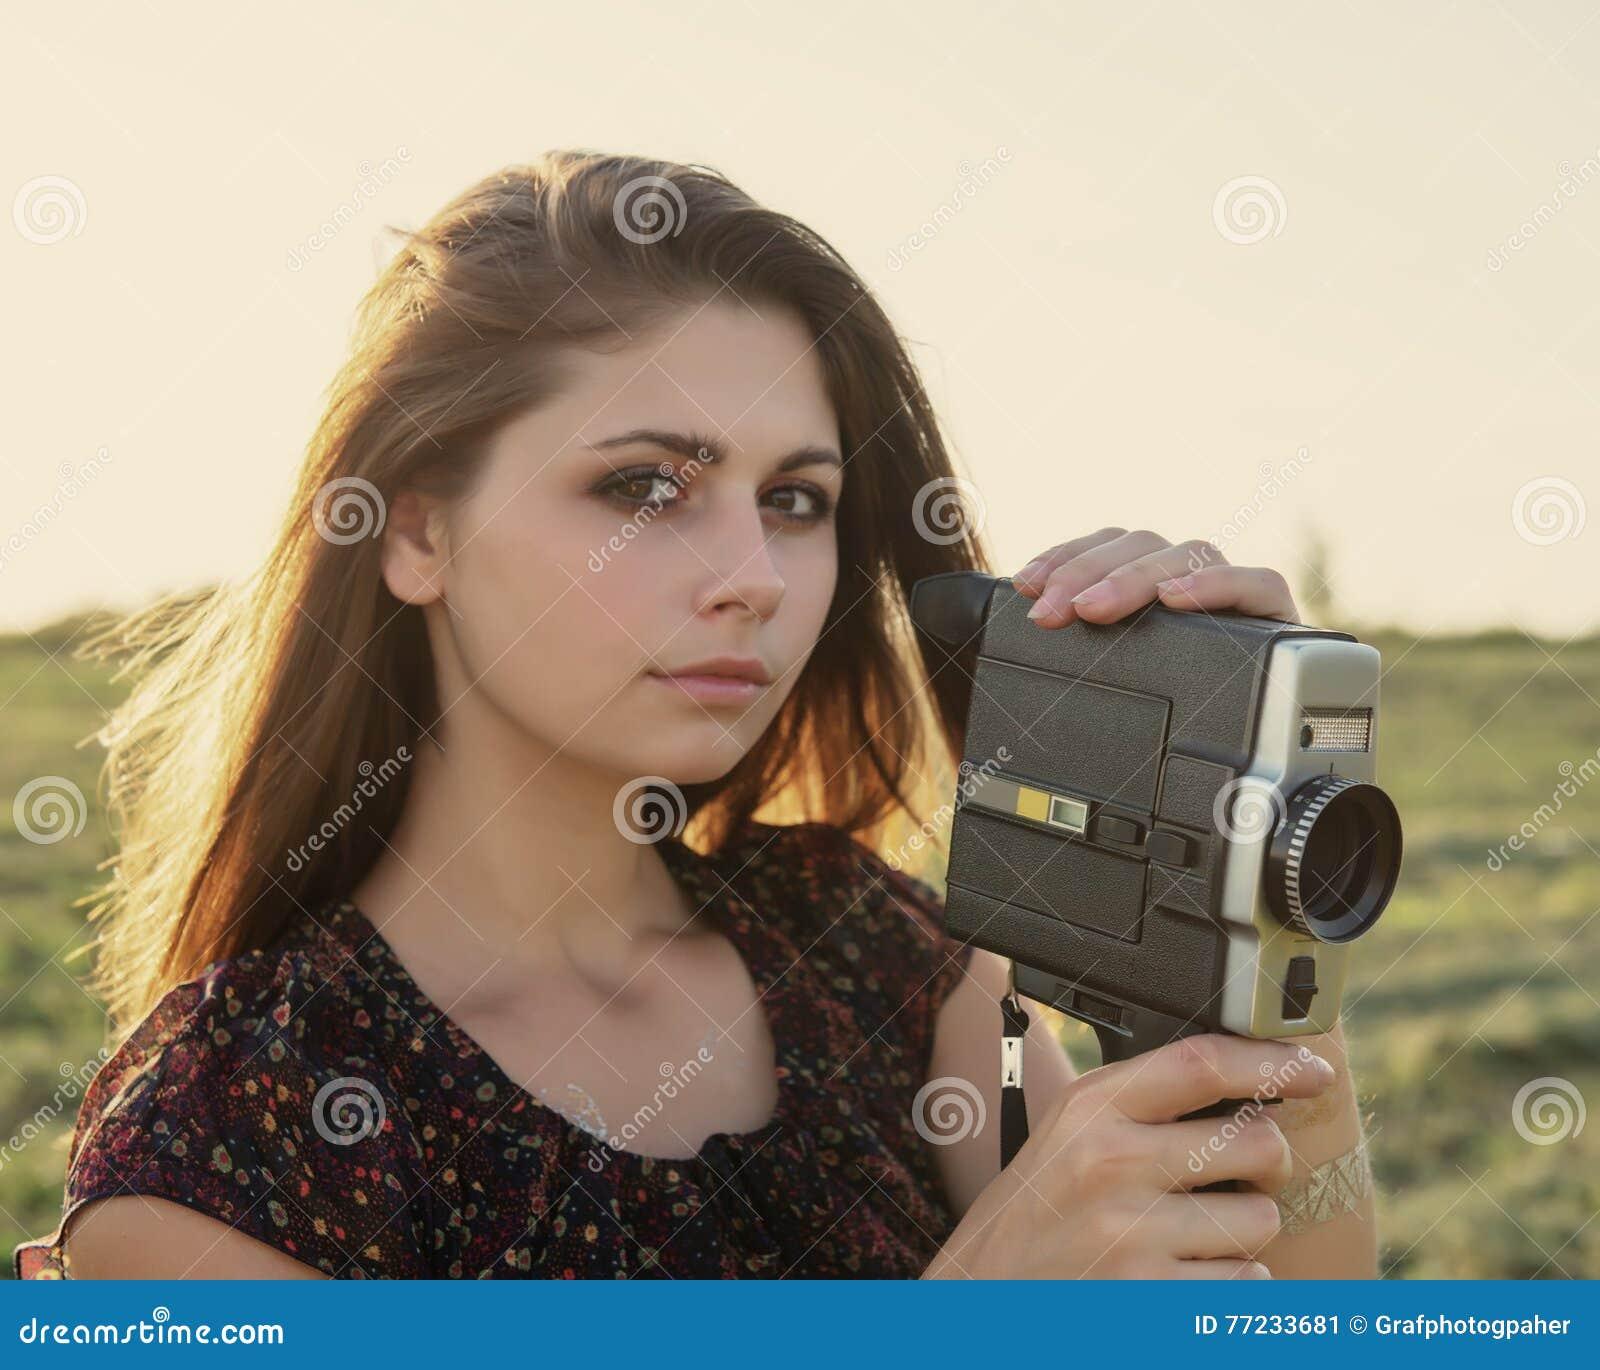 какие фото покупают в фотобанках конце останется